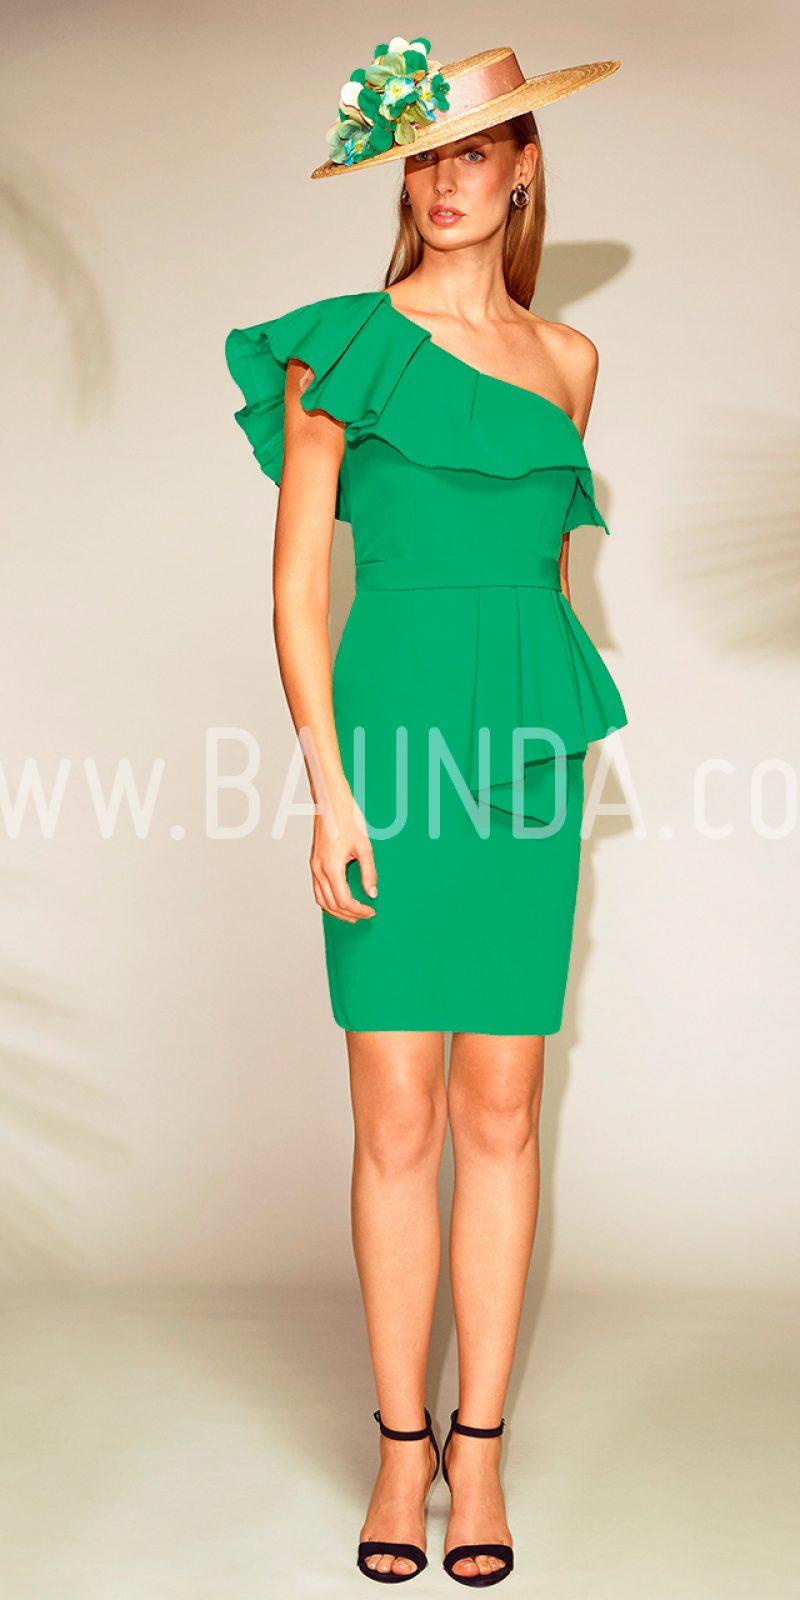 9c46209ad Baunda Vestido corto verde 2018 Baunda 1804 en Madrid y tienda online